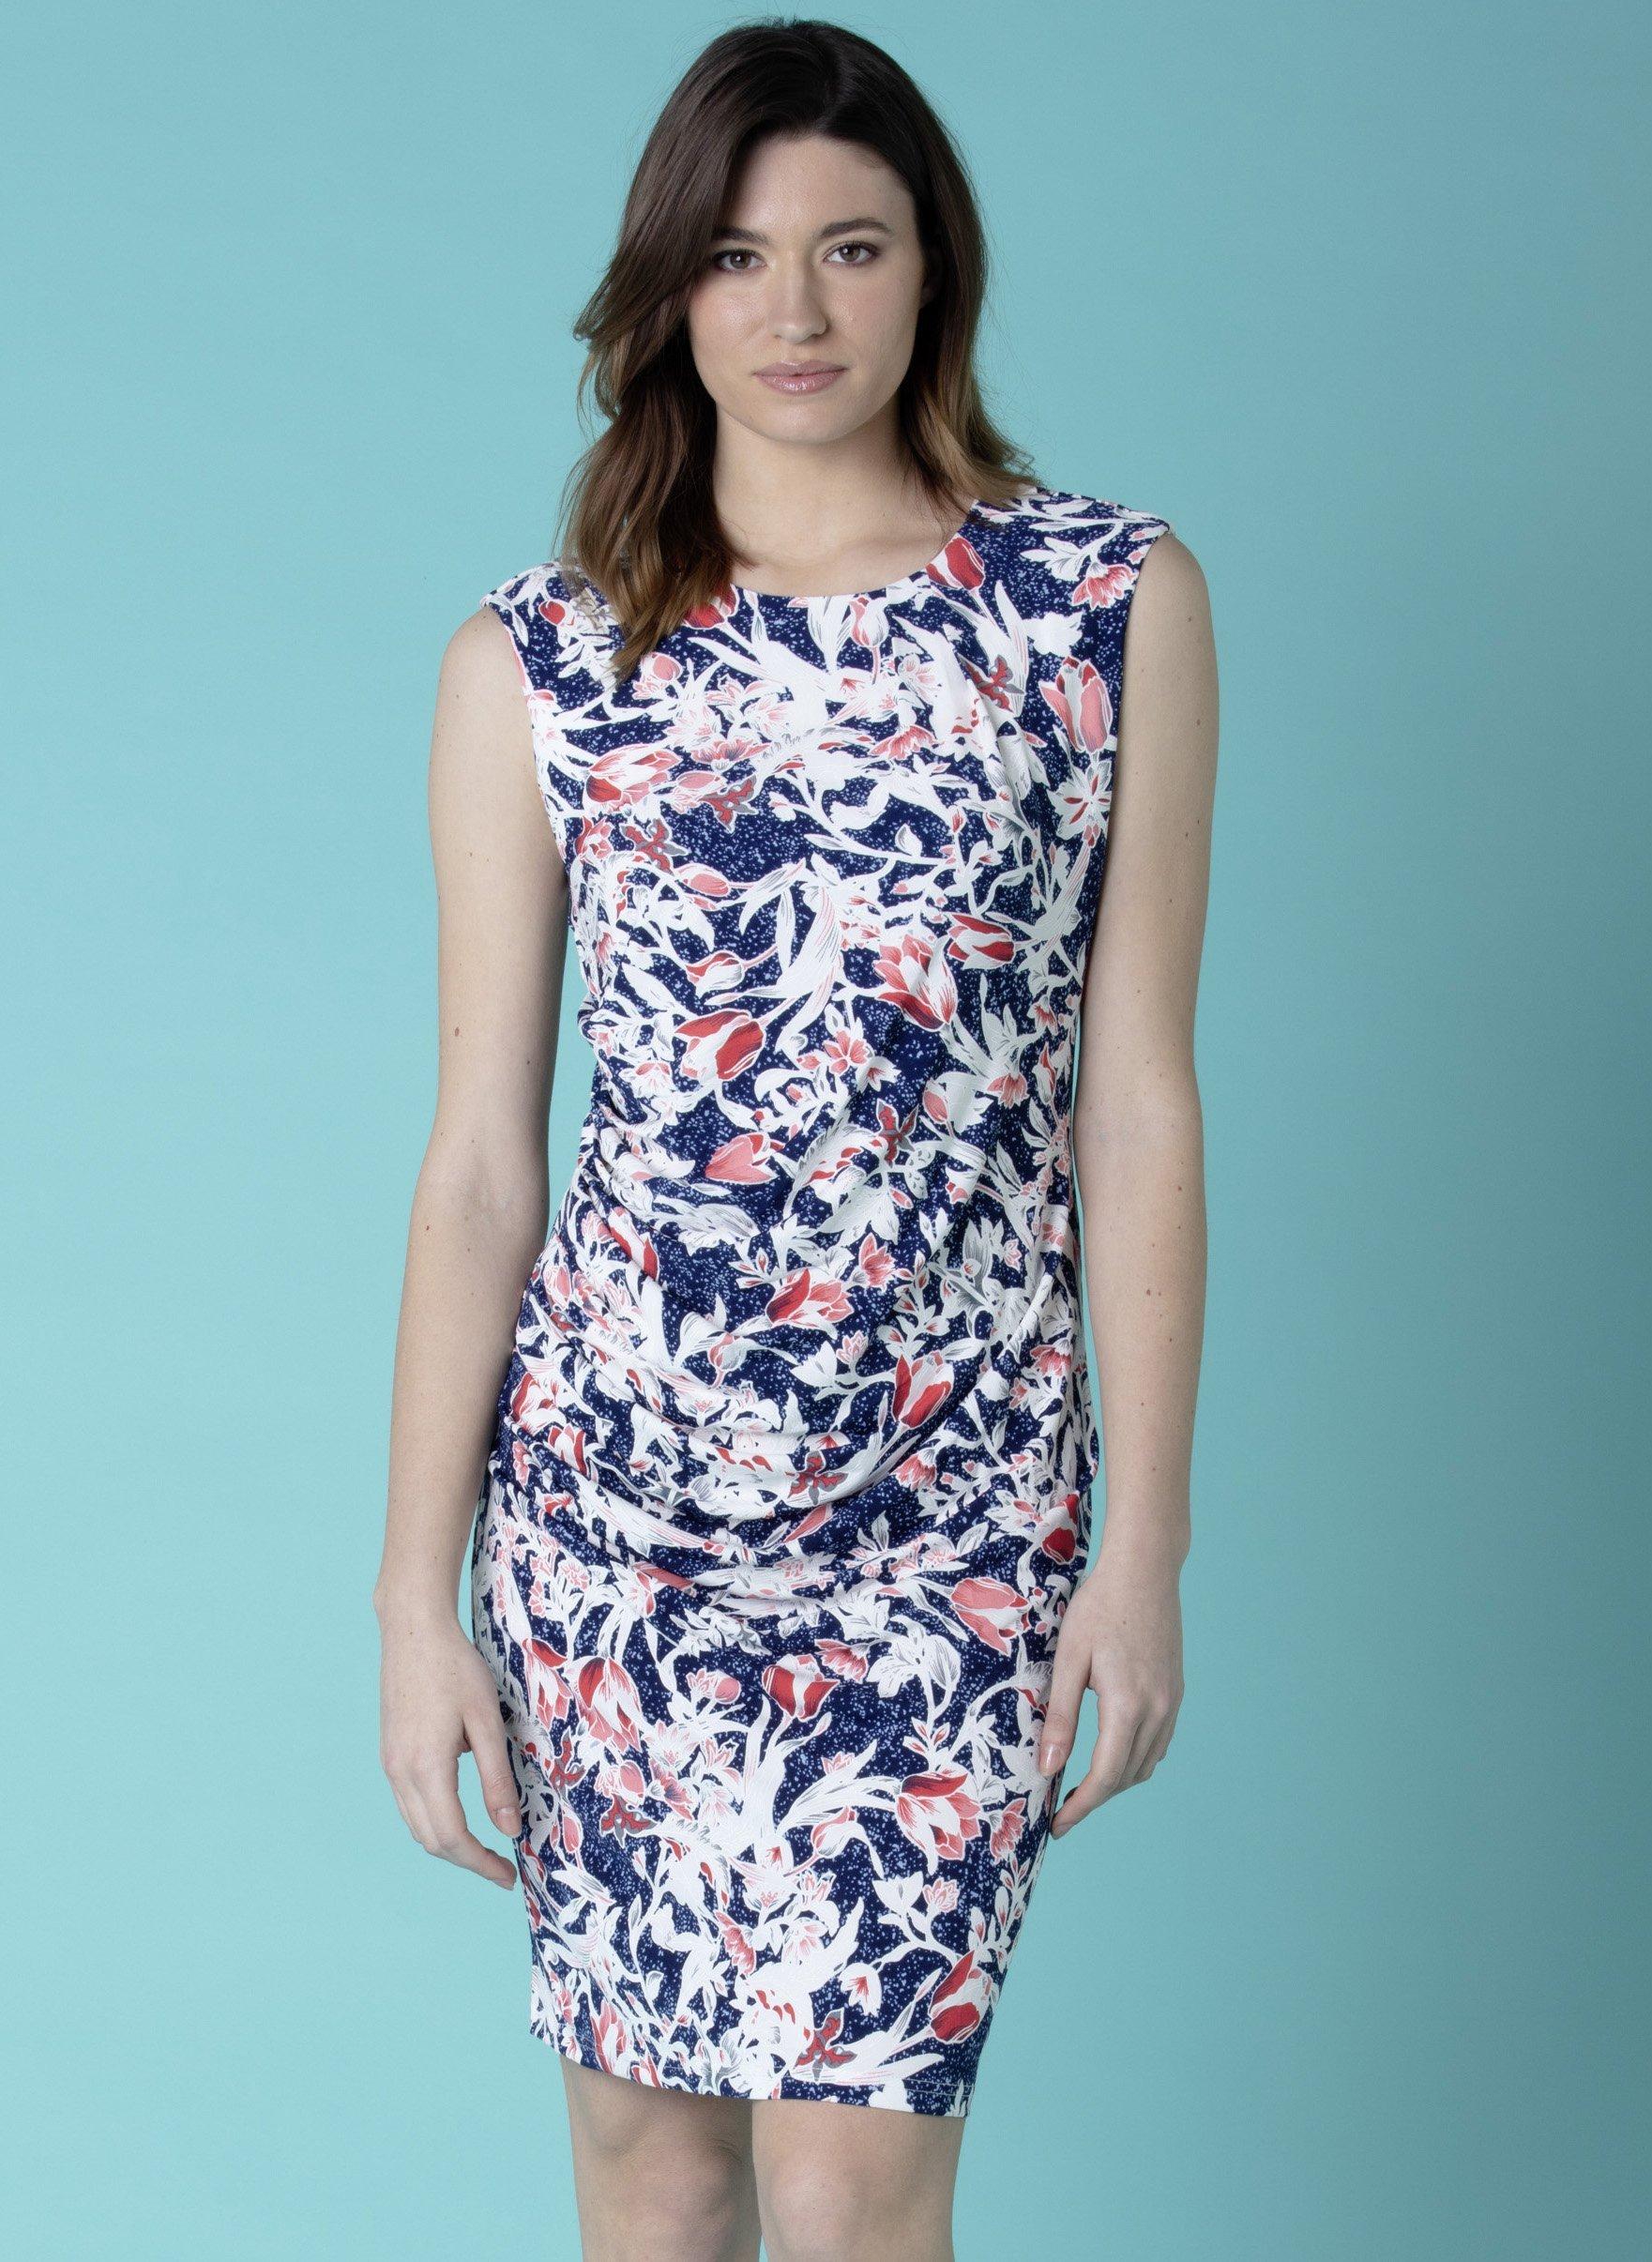 Ärmelloses-Kleid, Tulpen